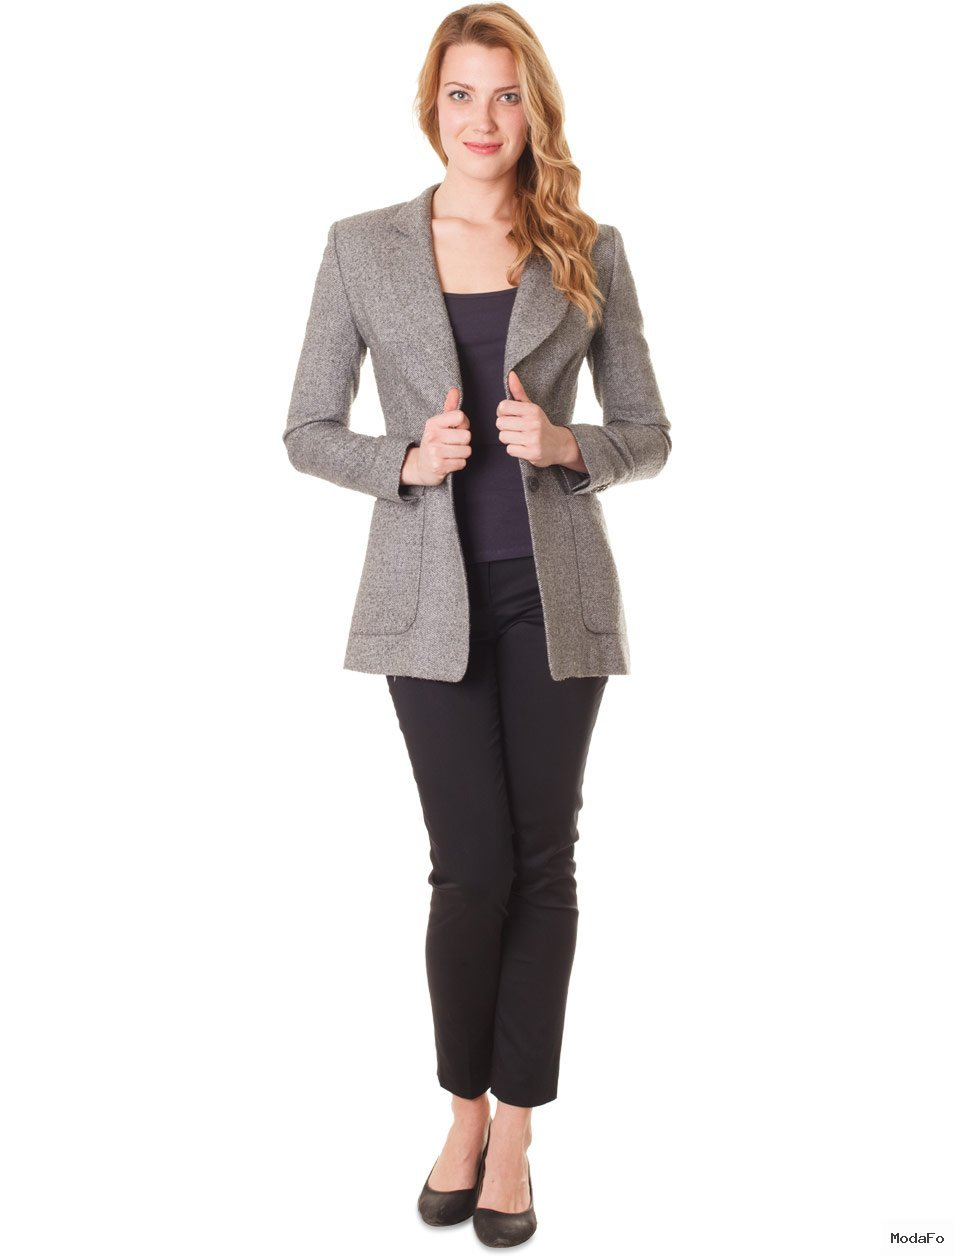 Gri Uzun Ceket - Herry - İdeal giysiler Fazlalıkları Gizlemek Büyük kalçalı kadınlar için giyim Basenler nasıl saklanır Basen Gizleme Basen Bölümü